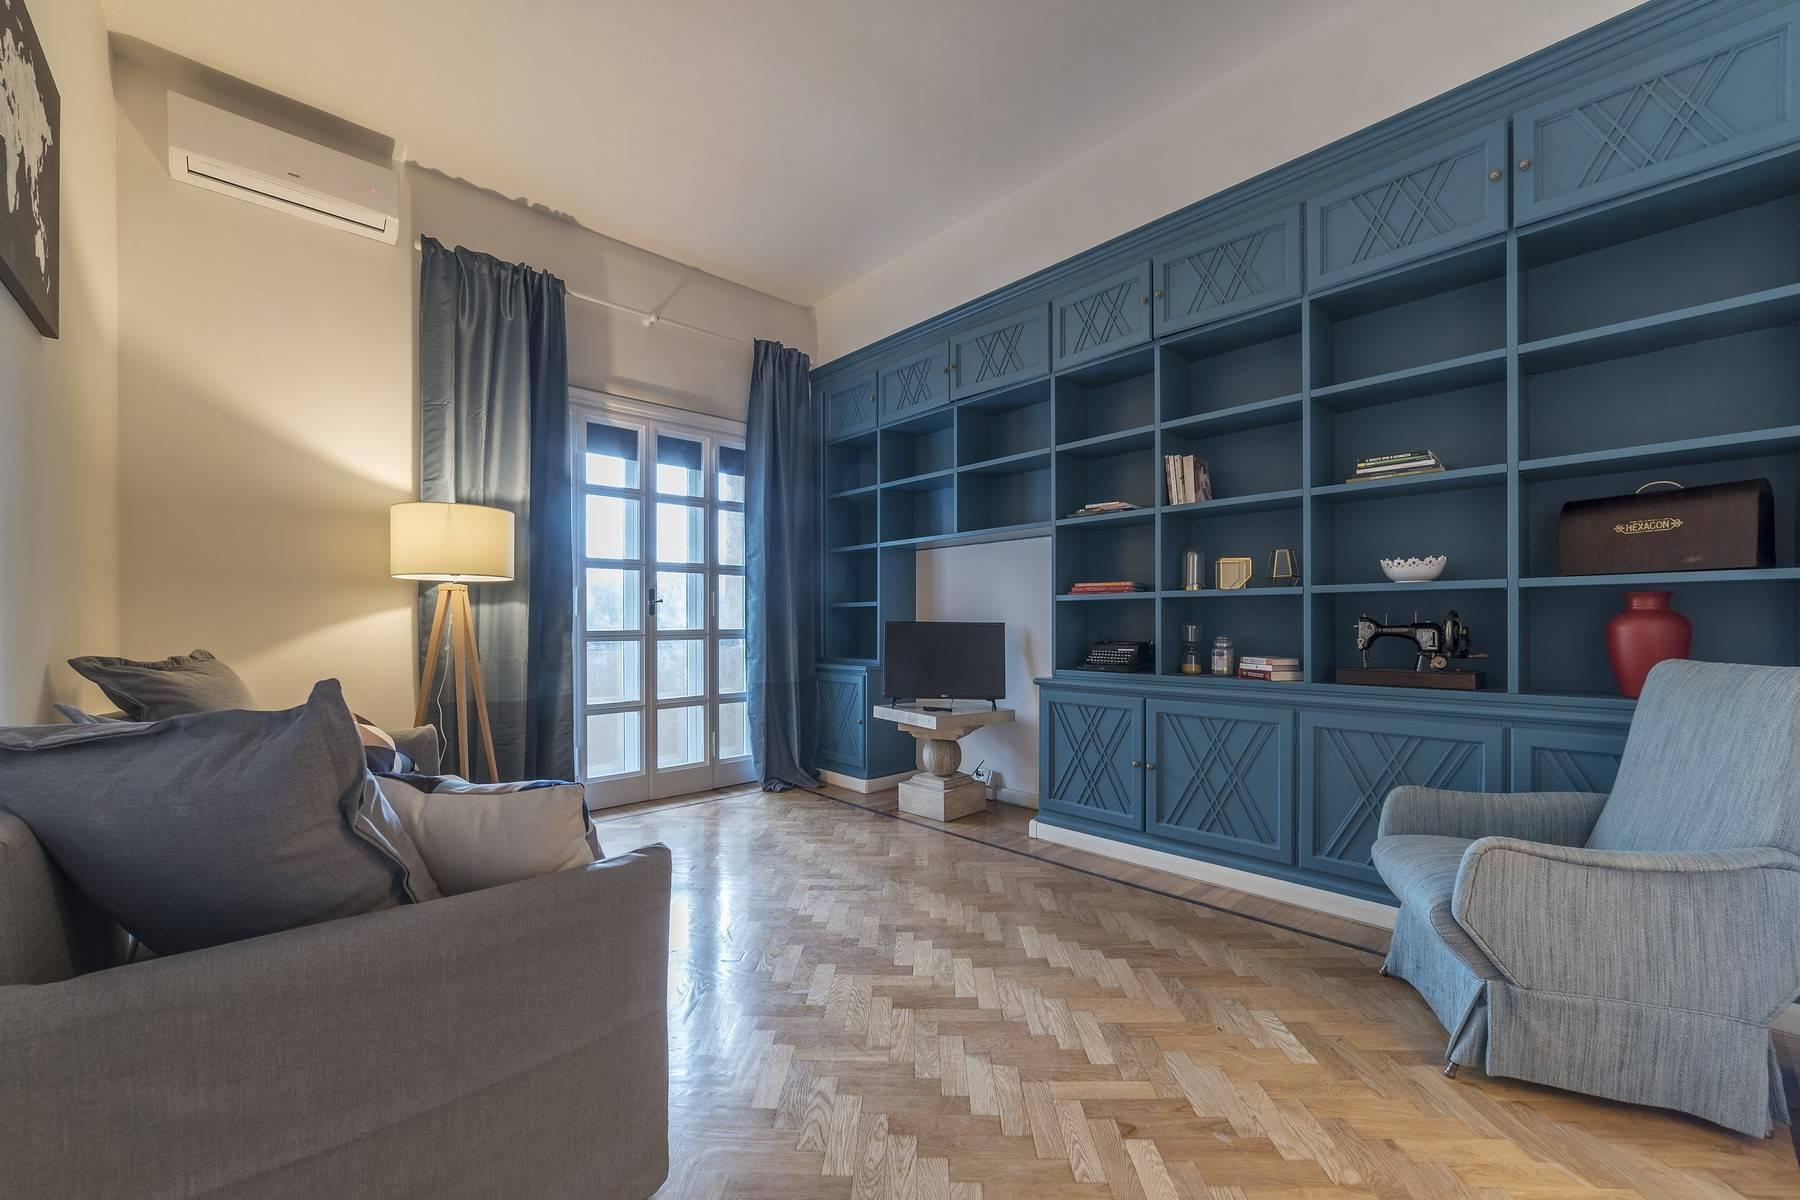 Appartamento in Affitto a Roma 02 Parioli / Pinciano / Flaminio: 5 locali, 90 mq